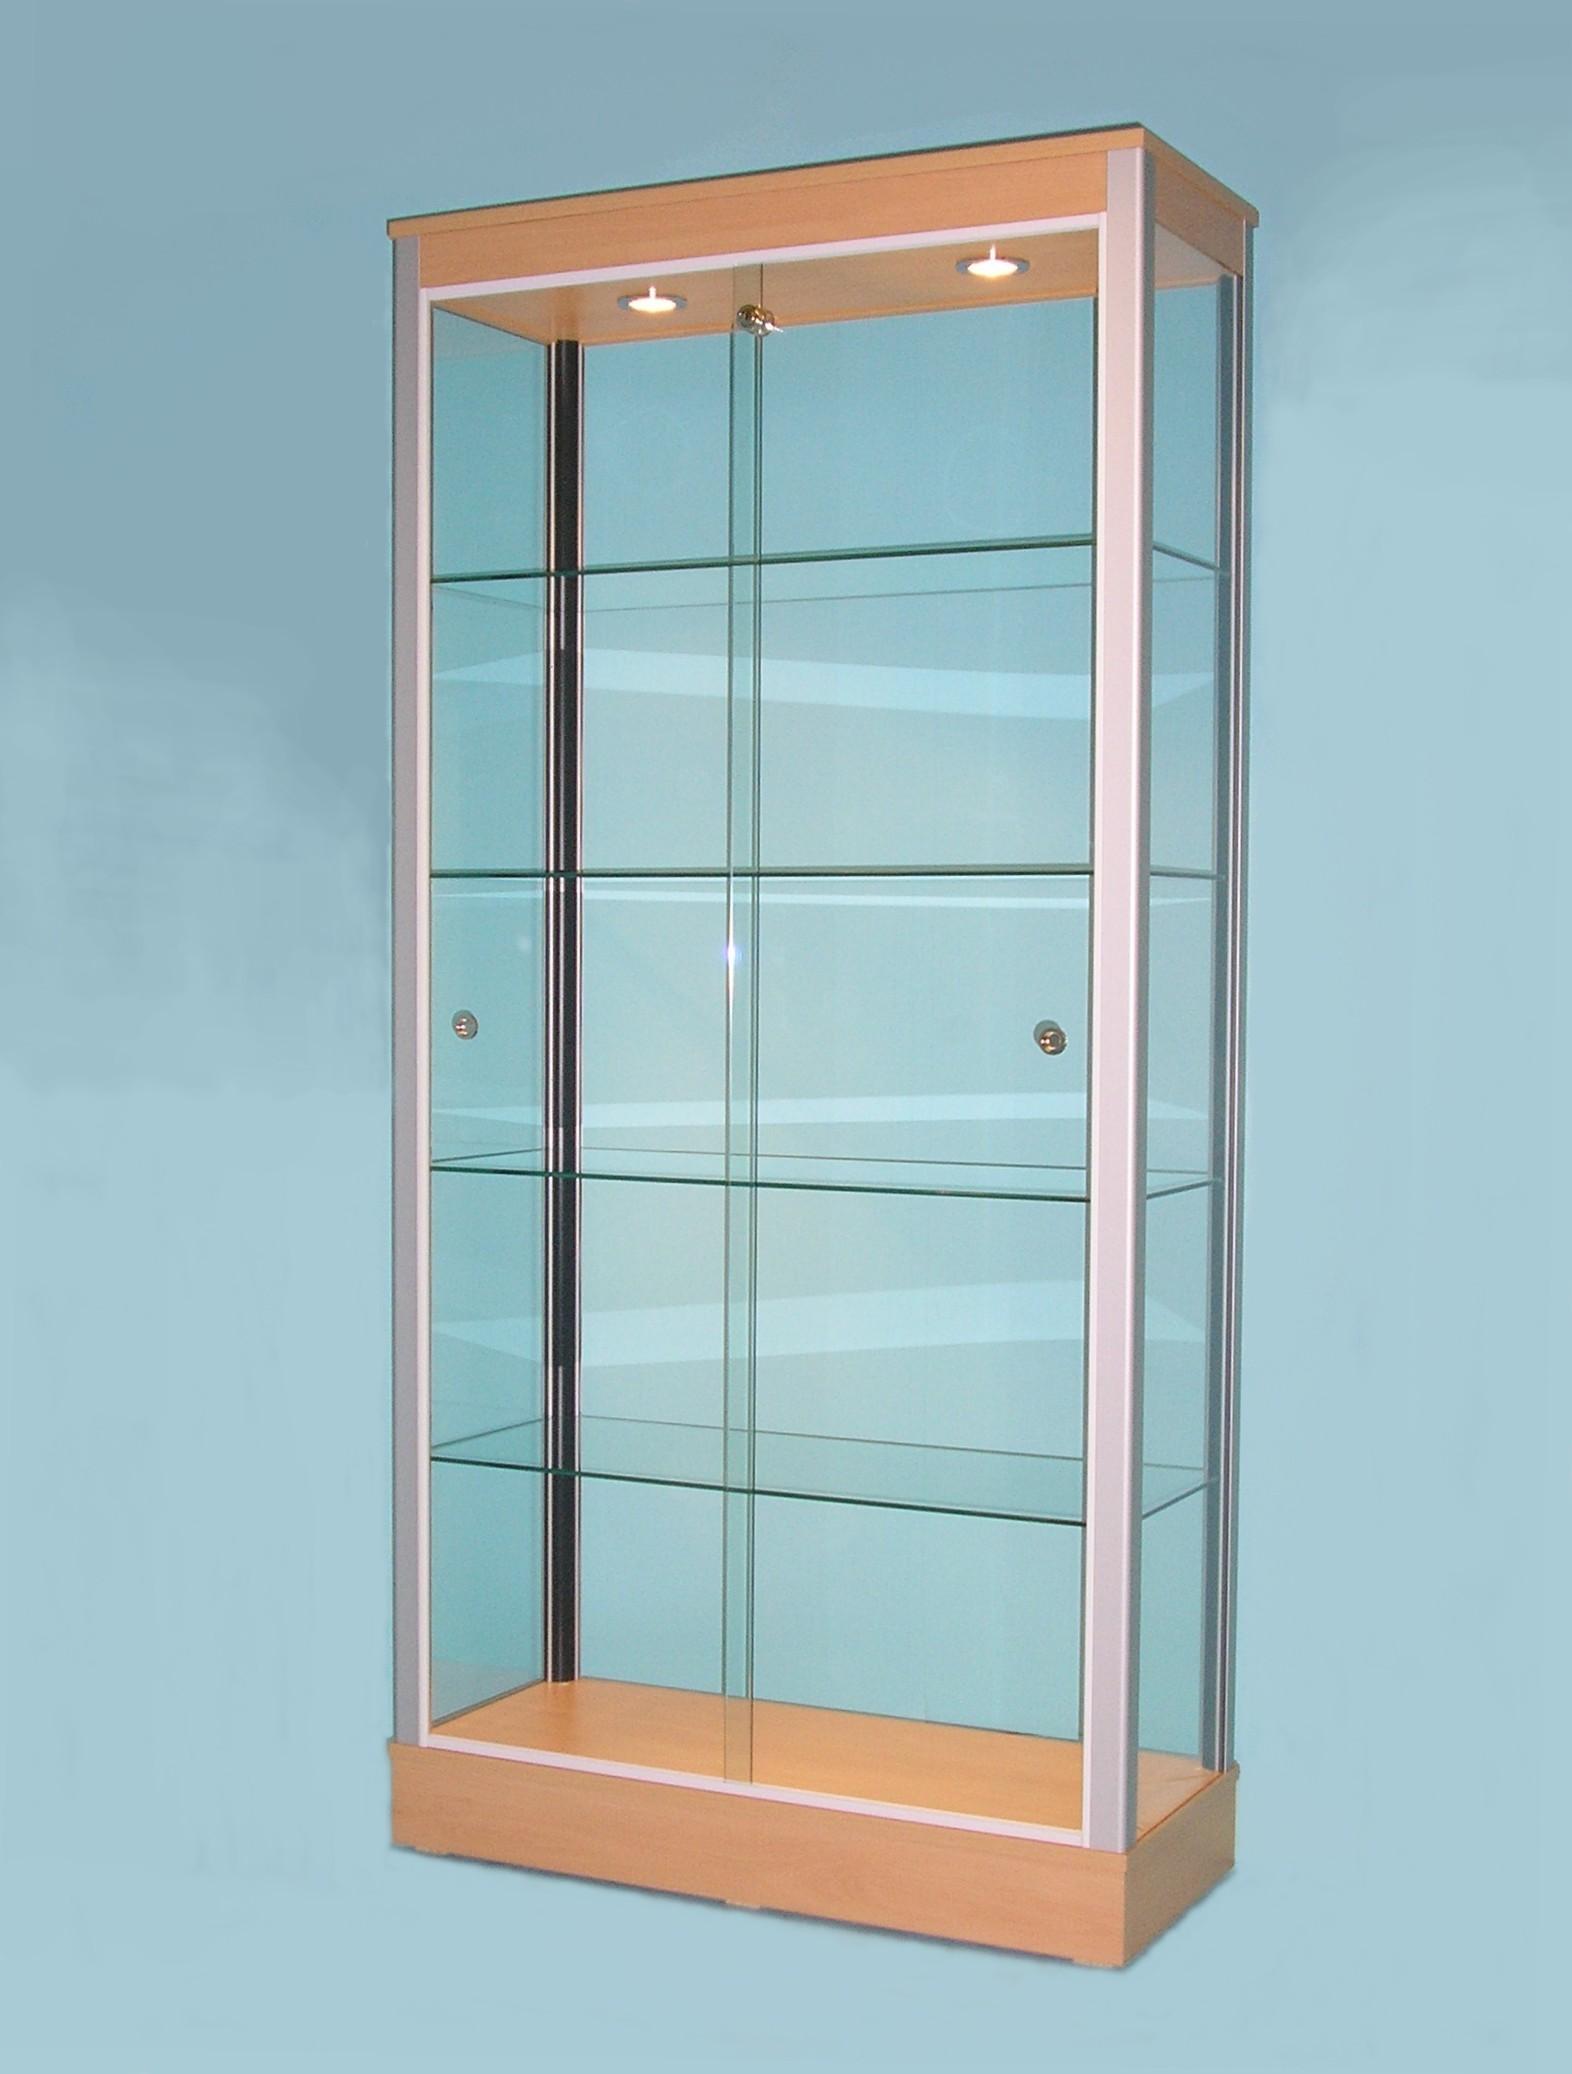 Designex Cabinets D11 Beech